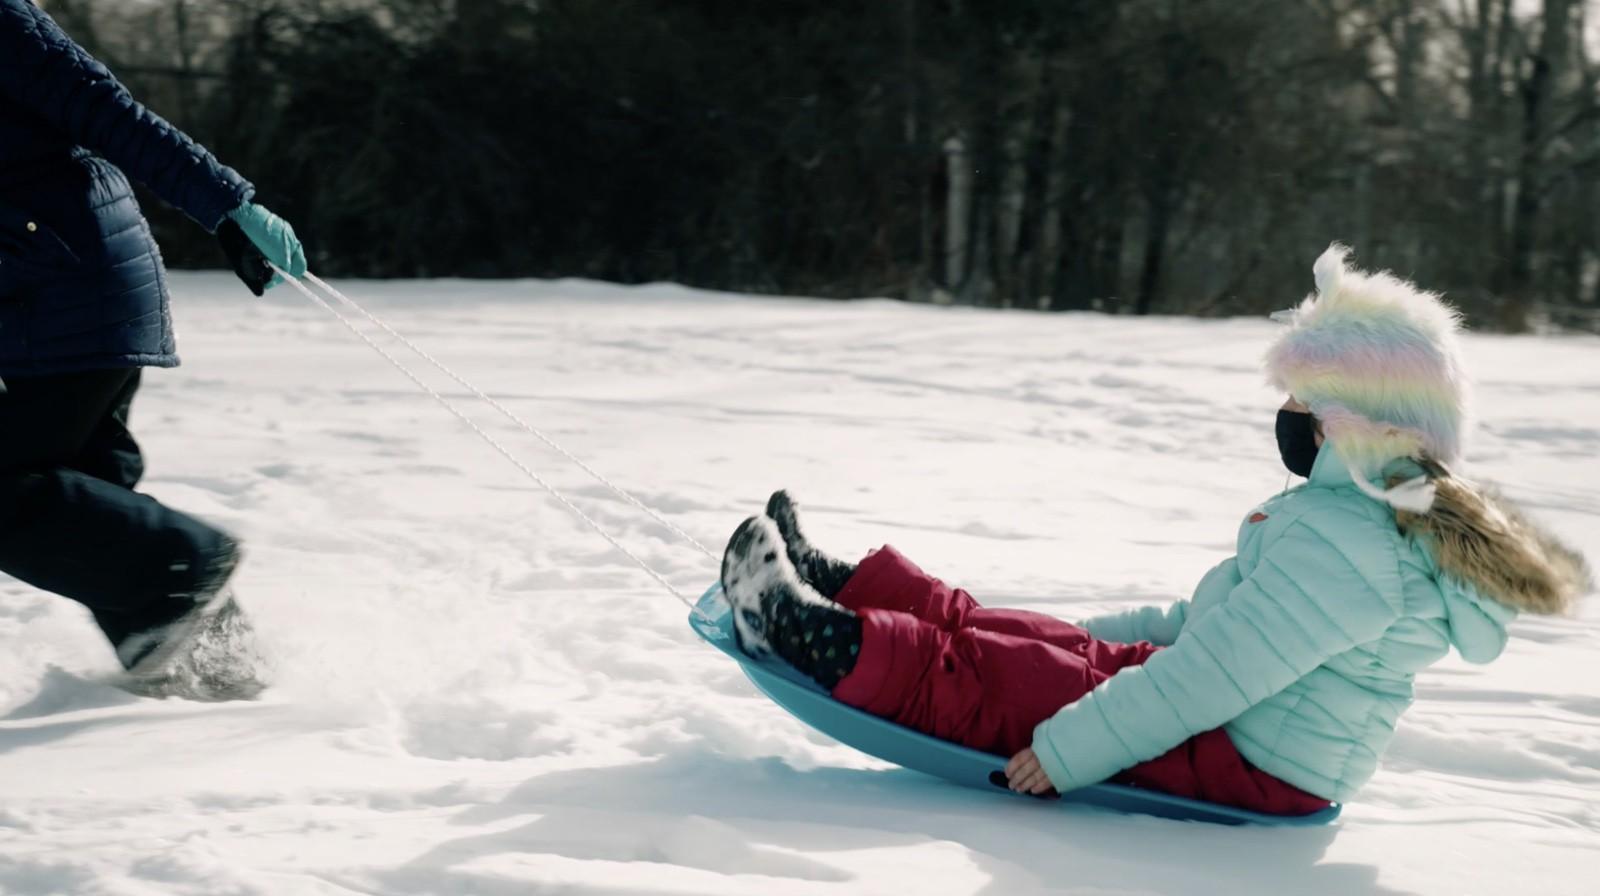 WinterKids Winter Games 2021 Video Screenshots1